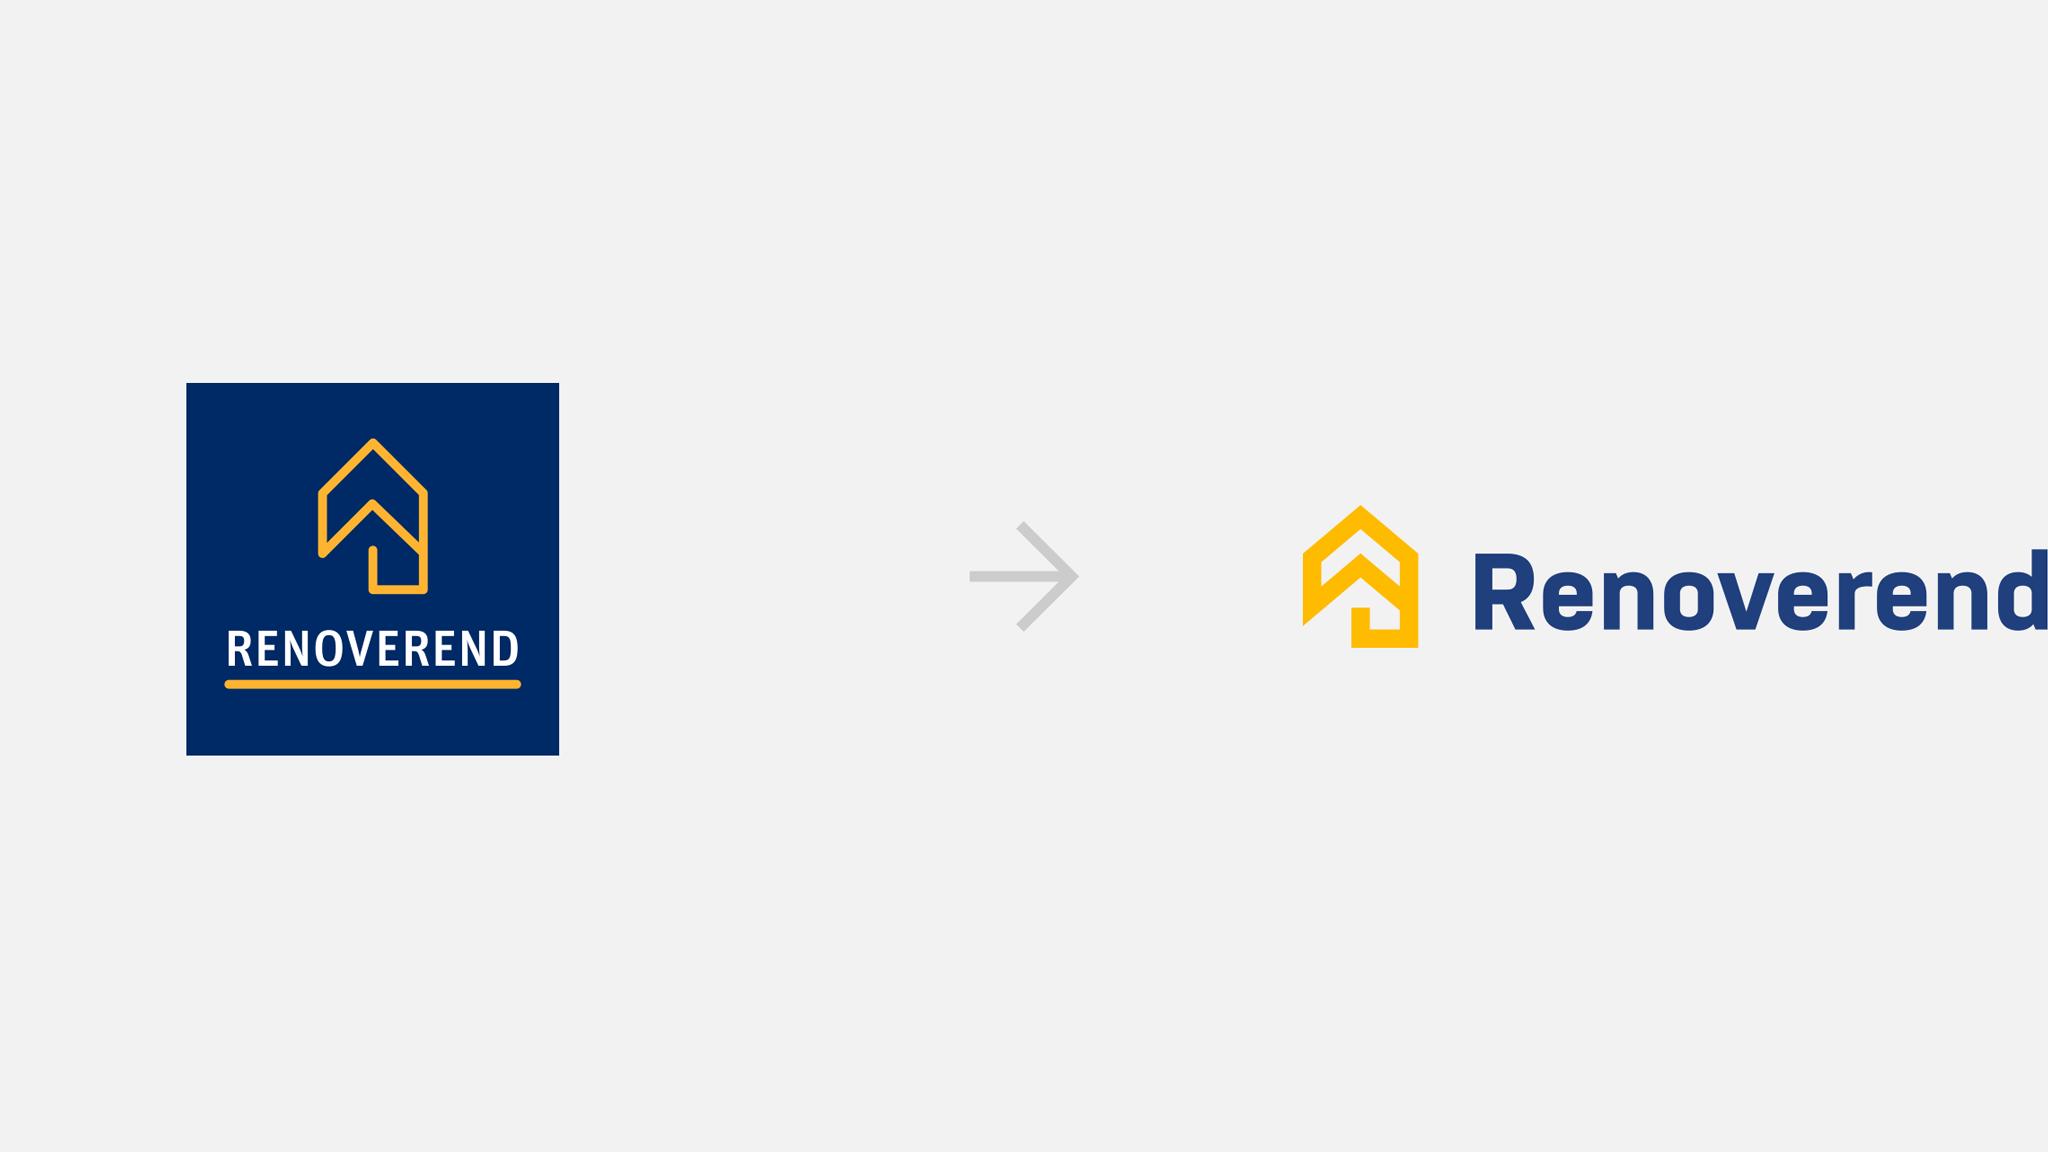 Lifting graficzny logo Renoverend - porównanie wersji